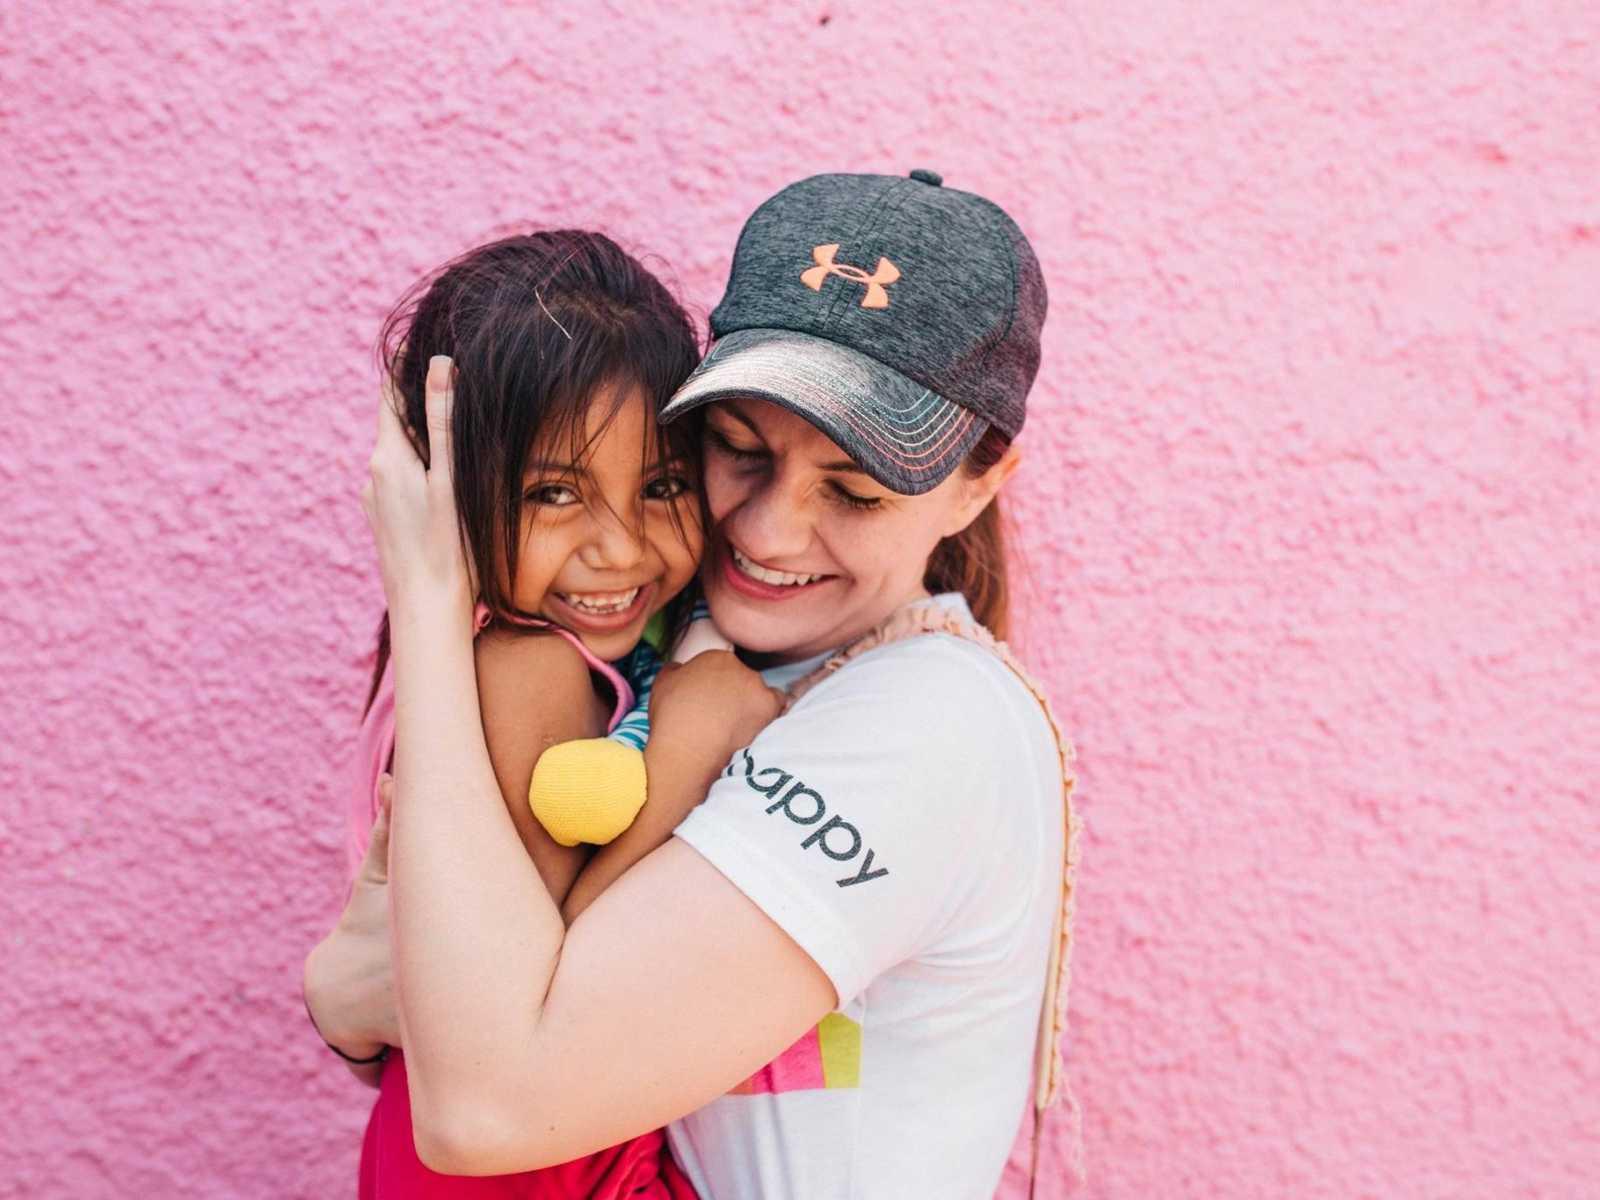 Mulher viaja para conhecer orfanato e se apaixona por menina